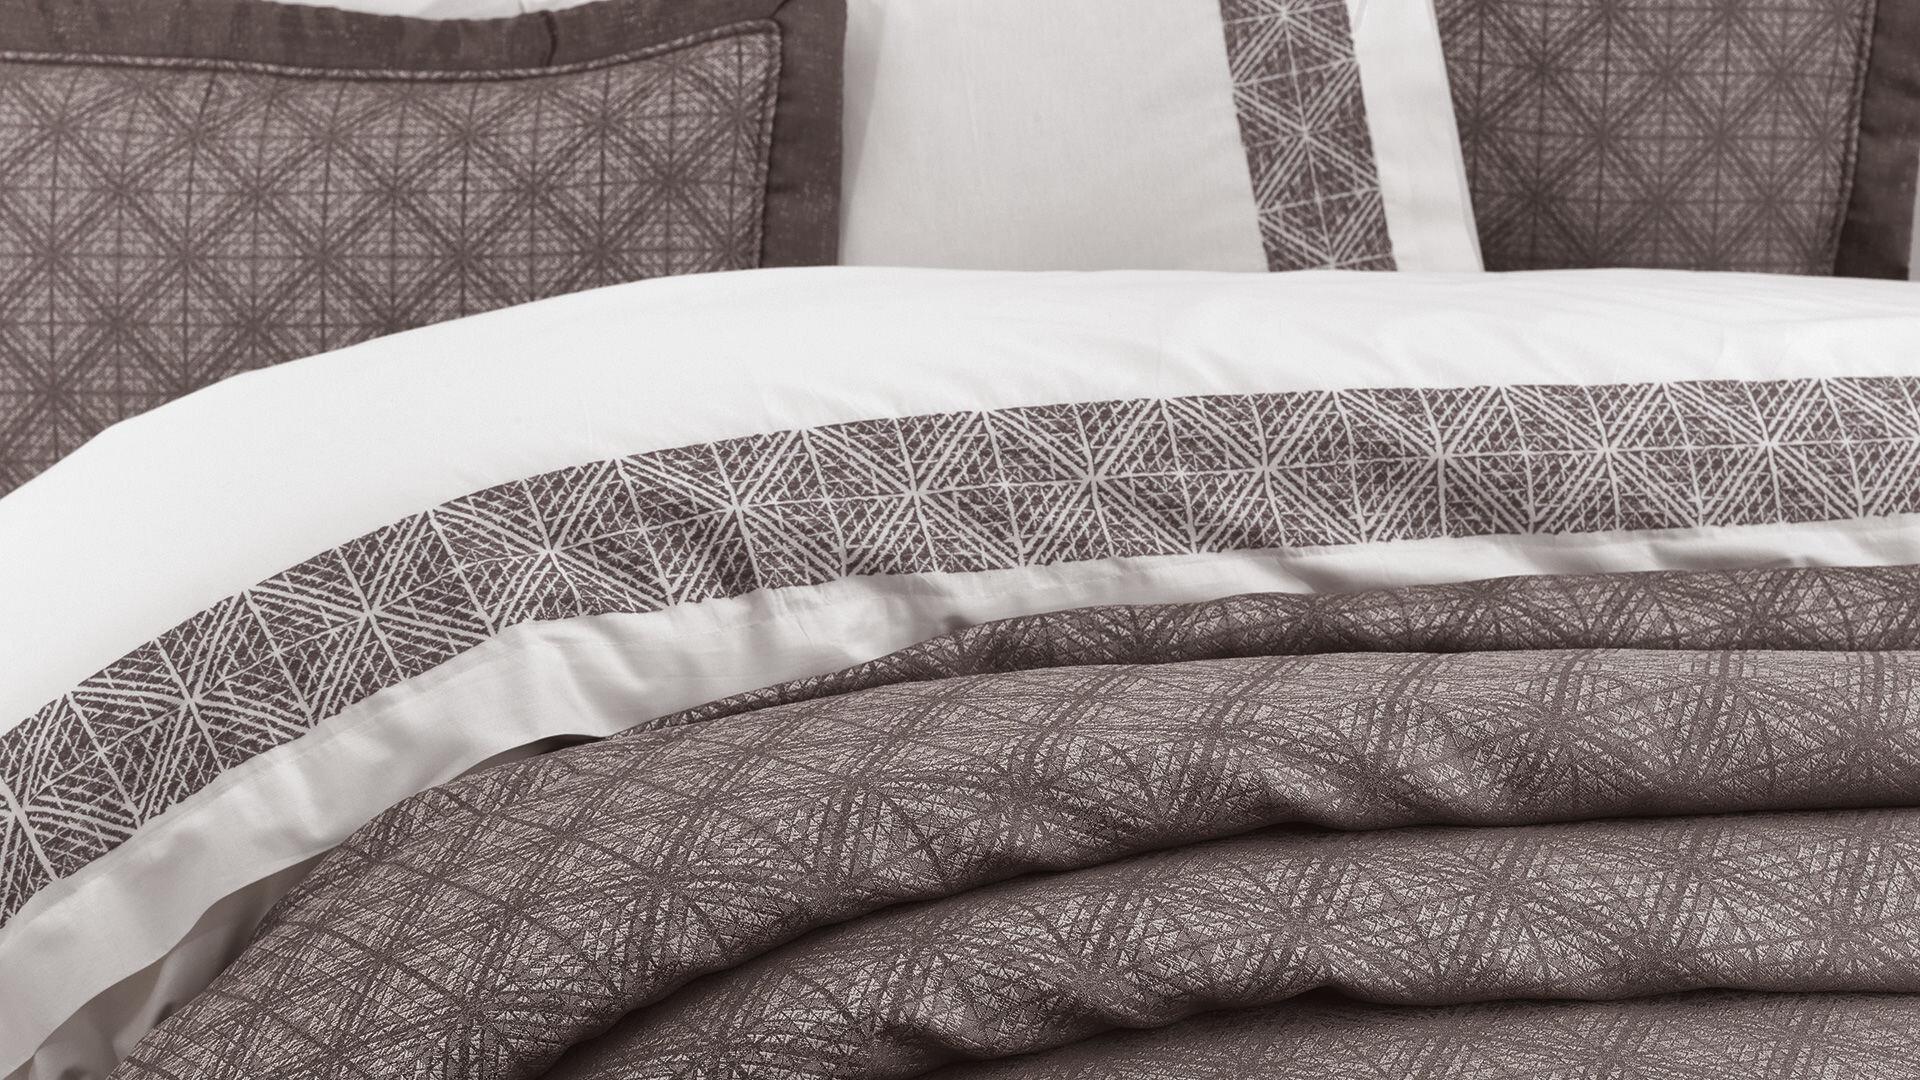 Tlos Nevresim Takımı Ve Yatak Örtüsü Takımı-Çift Kişilik